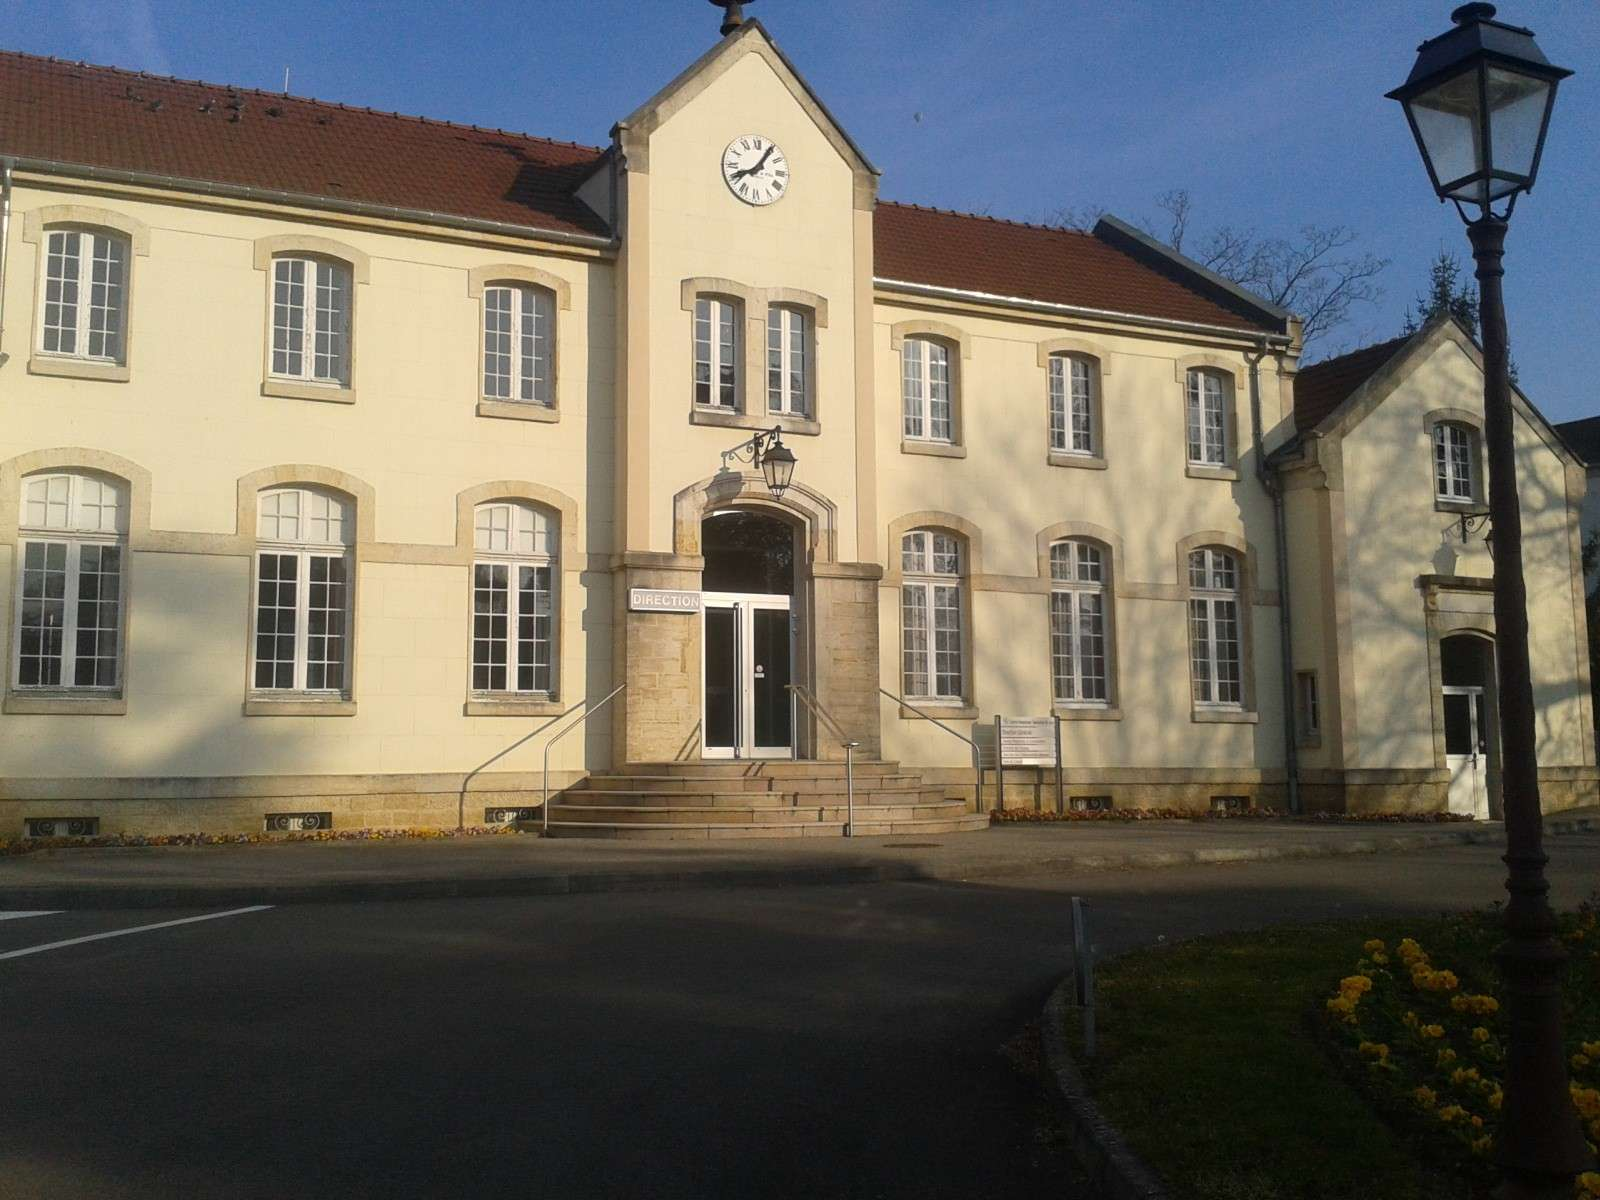 Hopital Psychiatrique Saint-Ylie de Dole 39 - Neptune